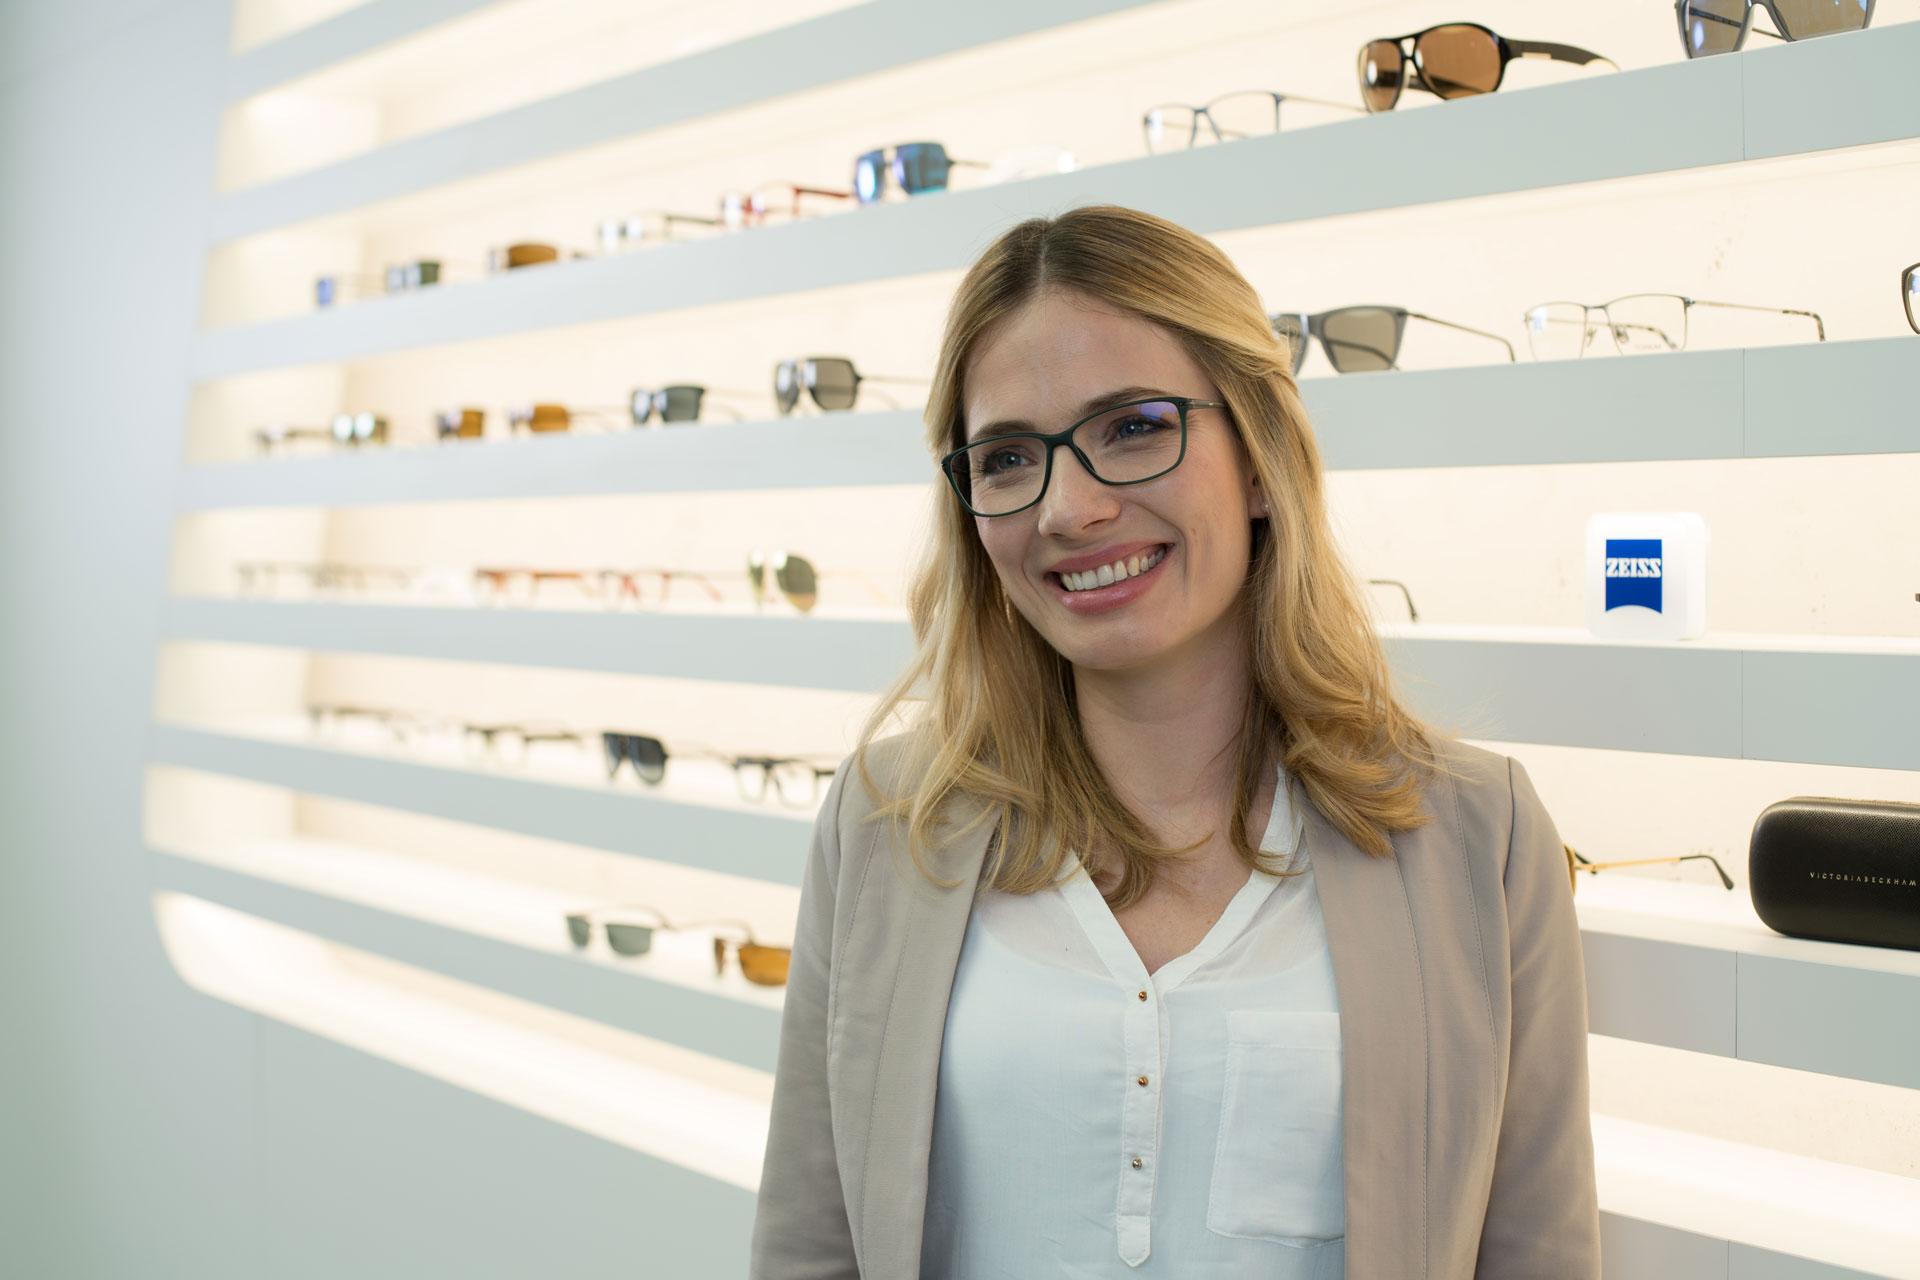 c5ad86300 Dicas para comprar óculos: como encontrar os óculos certos para você